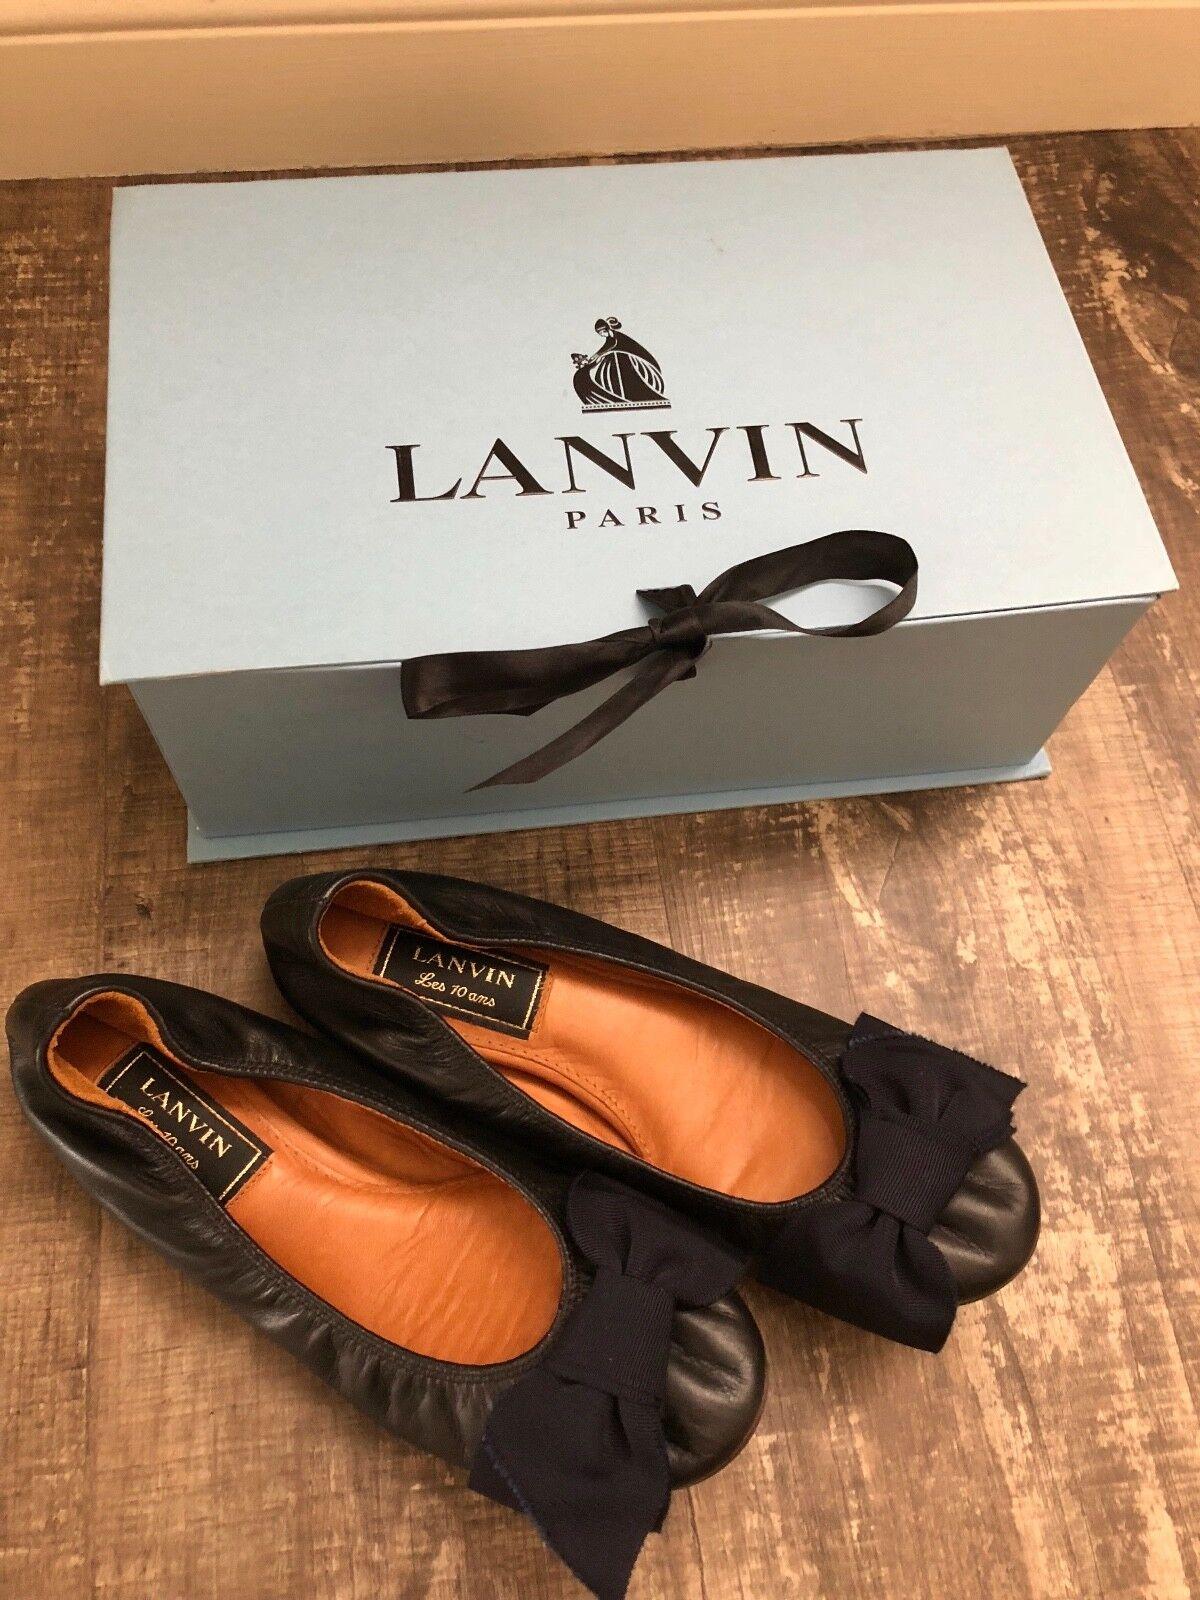 nuovo Authentic Lanvin nero leather classeic btuttiet flats 36